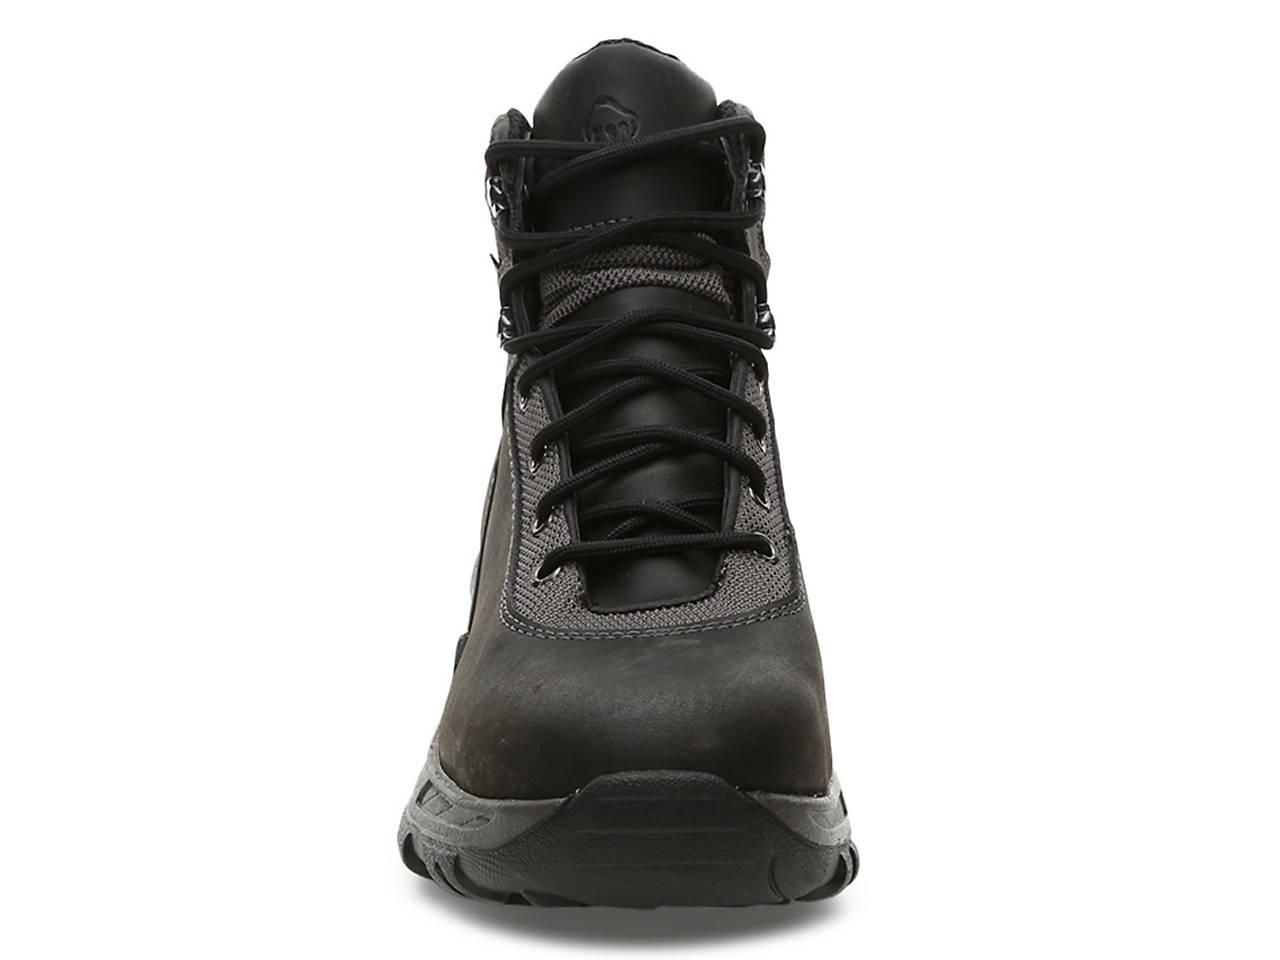 c5e5cbd73f9 Trailhead Steel Toe Work Boot